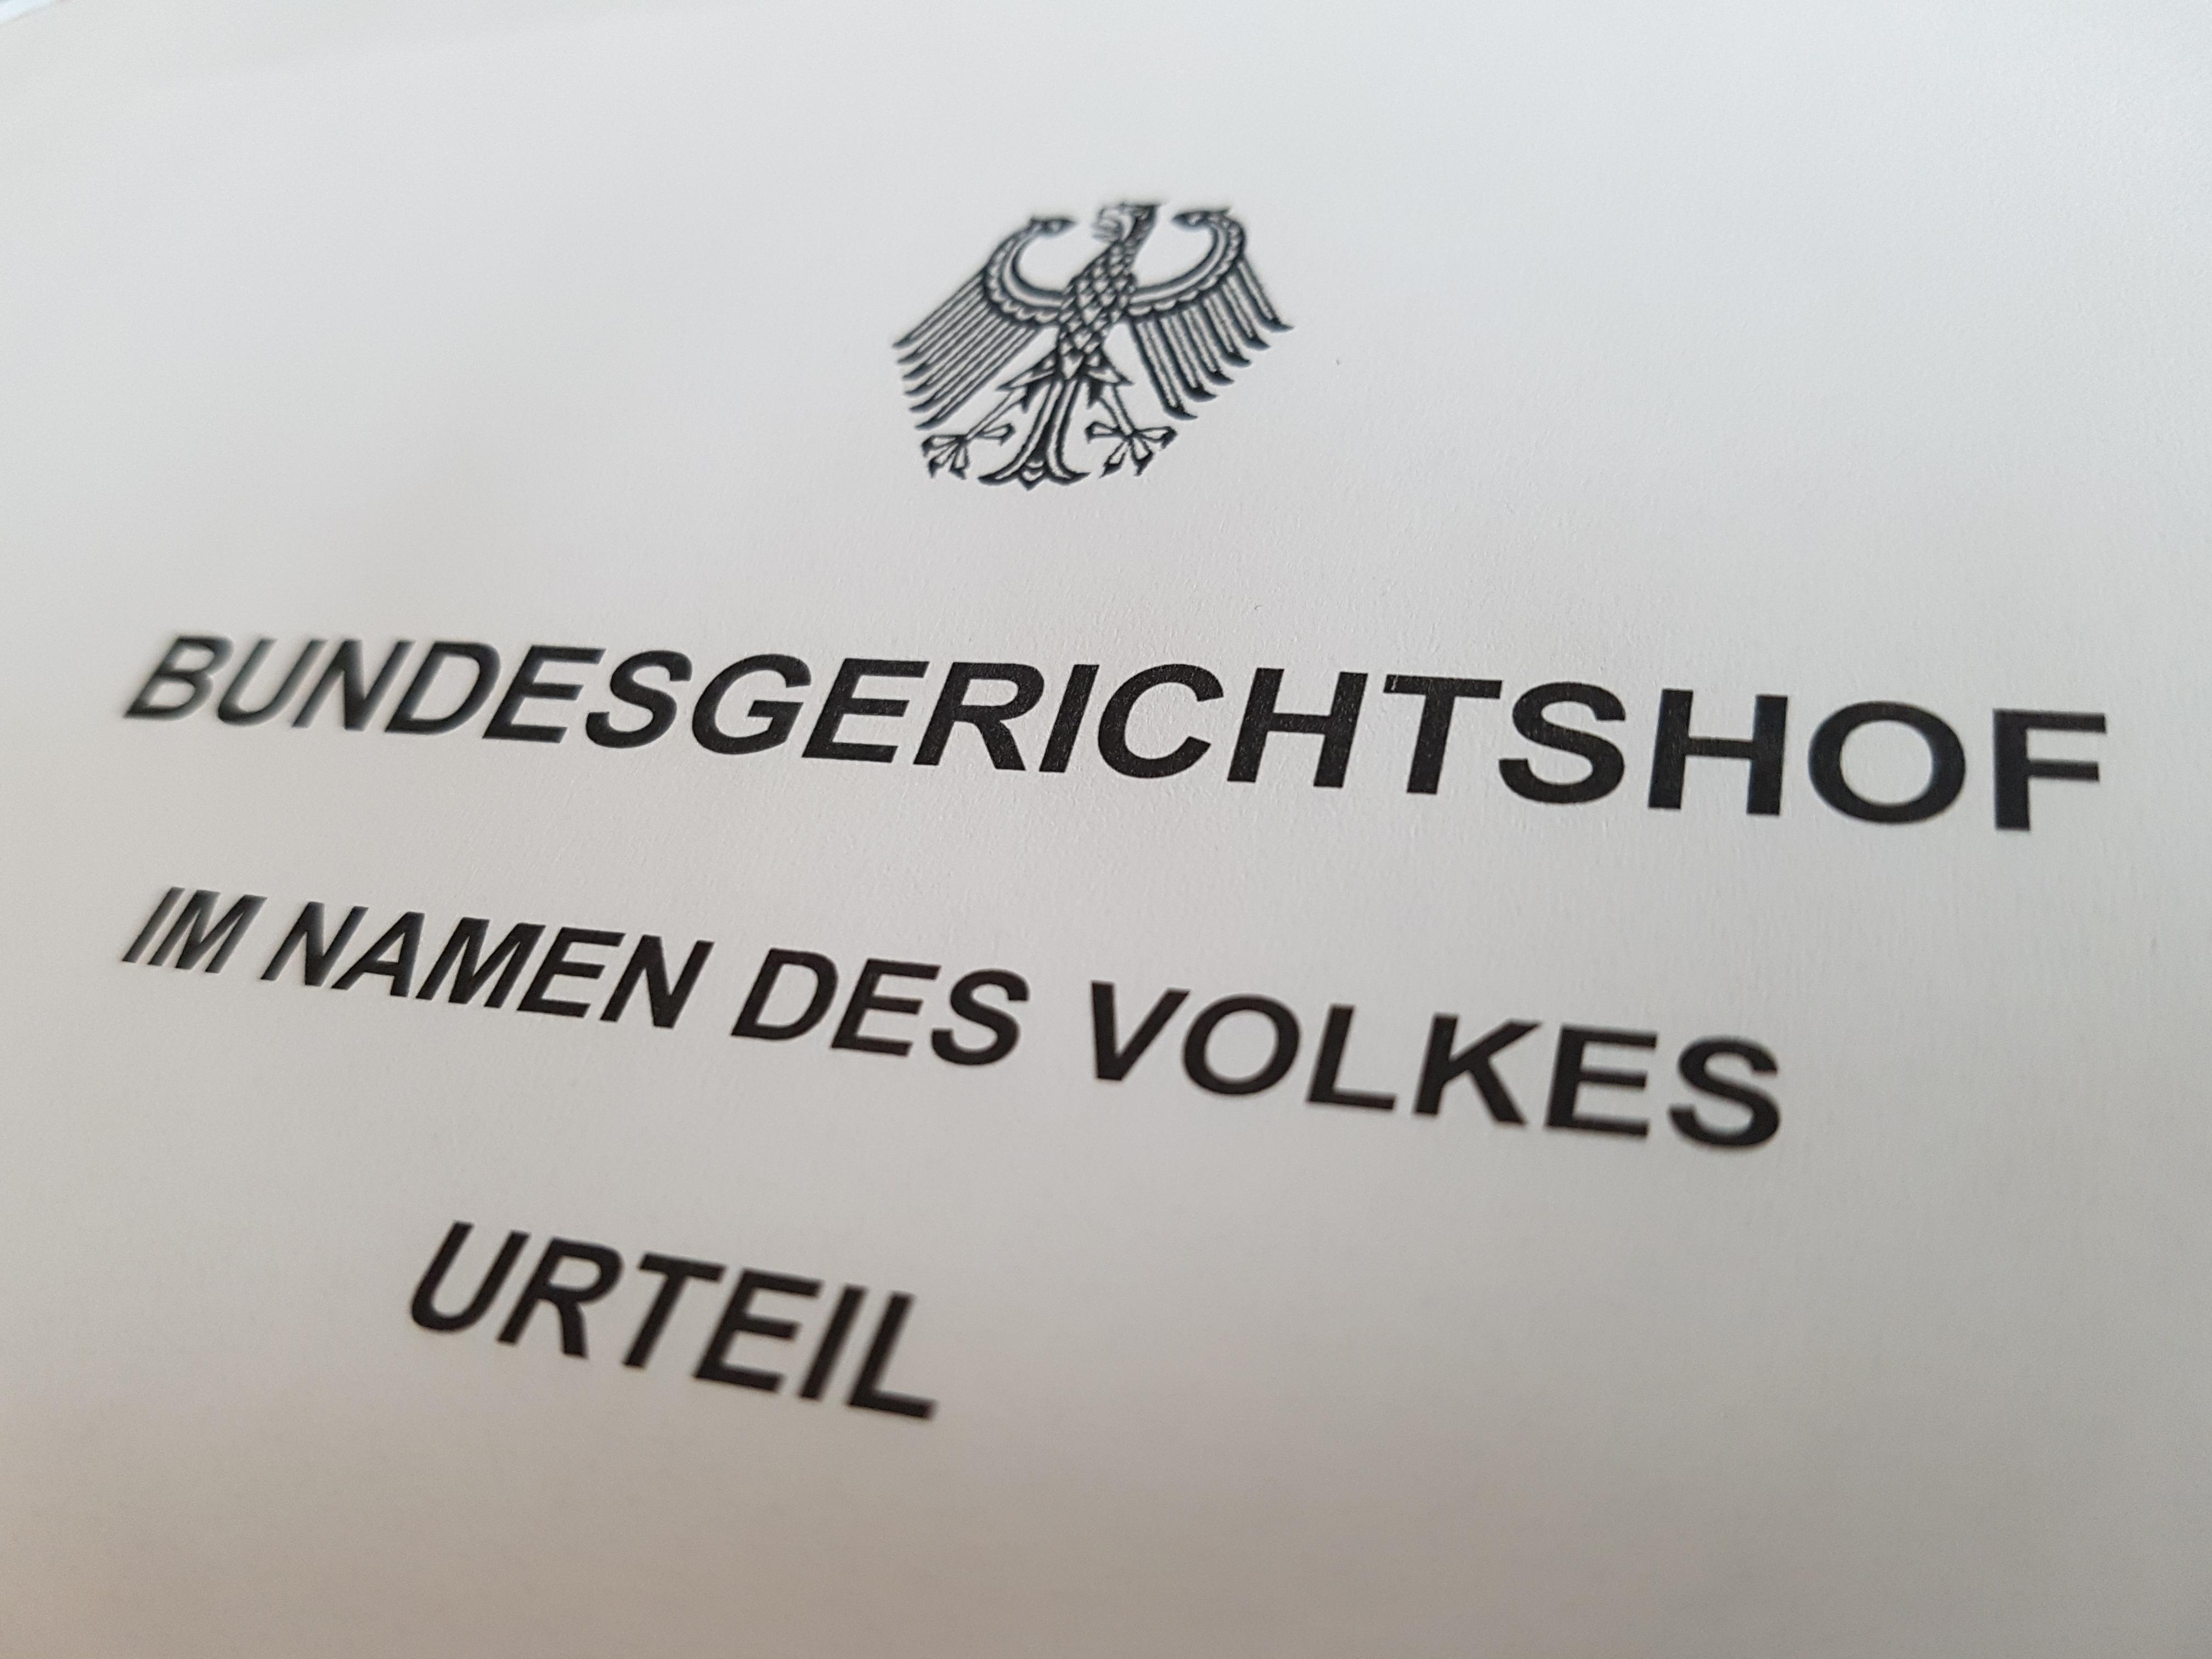 Das Foto zeigt den Kopf eines Urteils des Bundesgerichtshofs, welches unter dem Bundesadler die Aufschrift zeigt Bundesgerichtshof im Namen des Volkes Urteil.